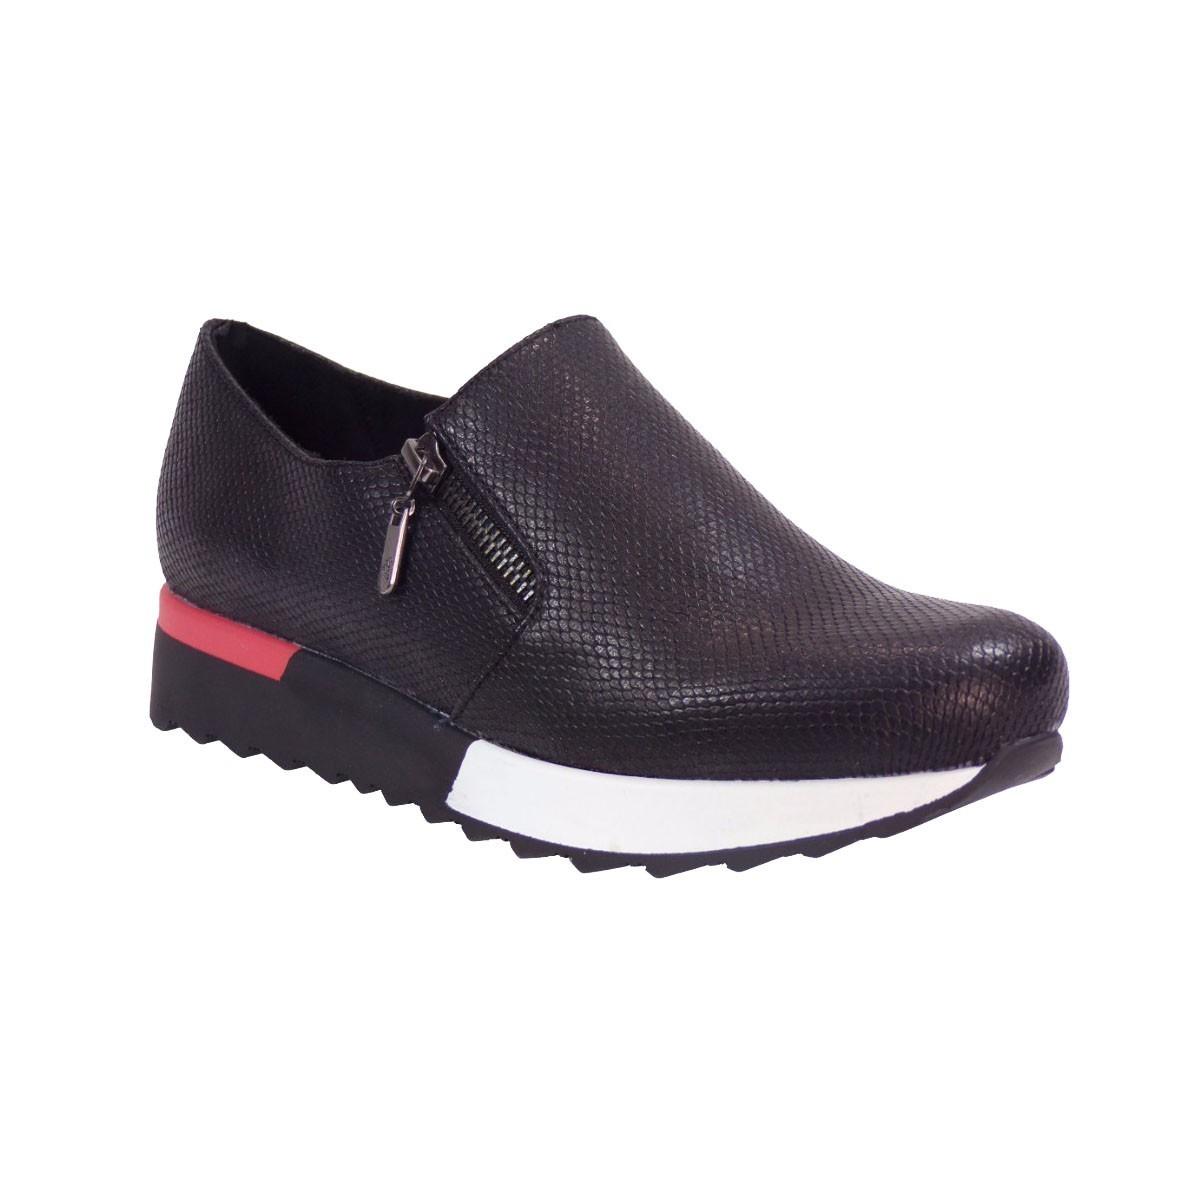 Exe Shoes Sneakers Γυναικεία Παπούτσια Slip on Gloria-495 Μαύρo ... 7c16b251e14